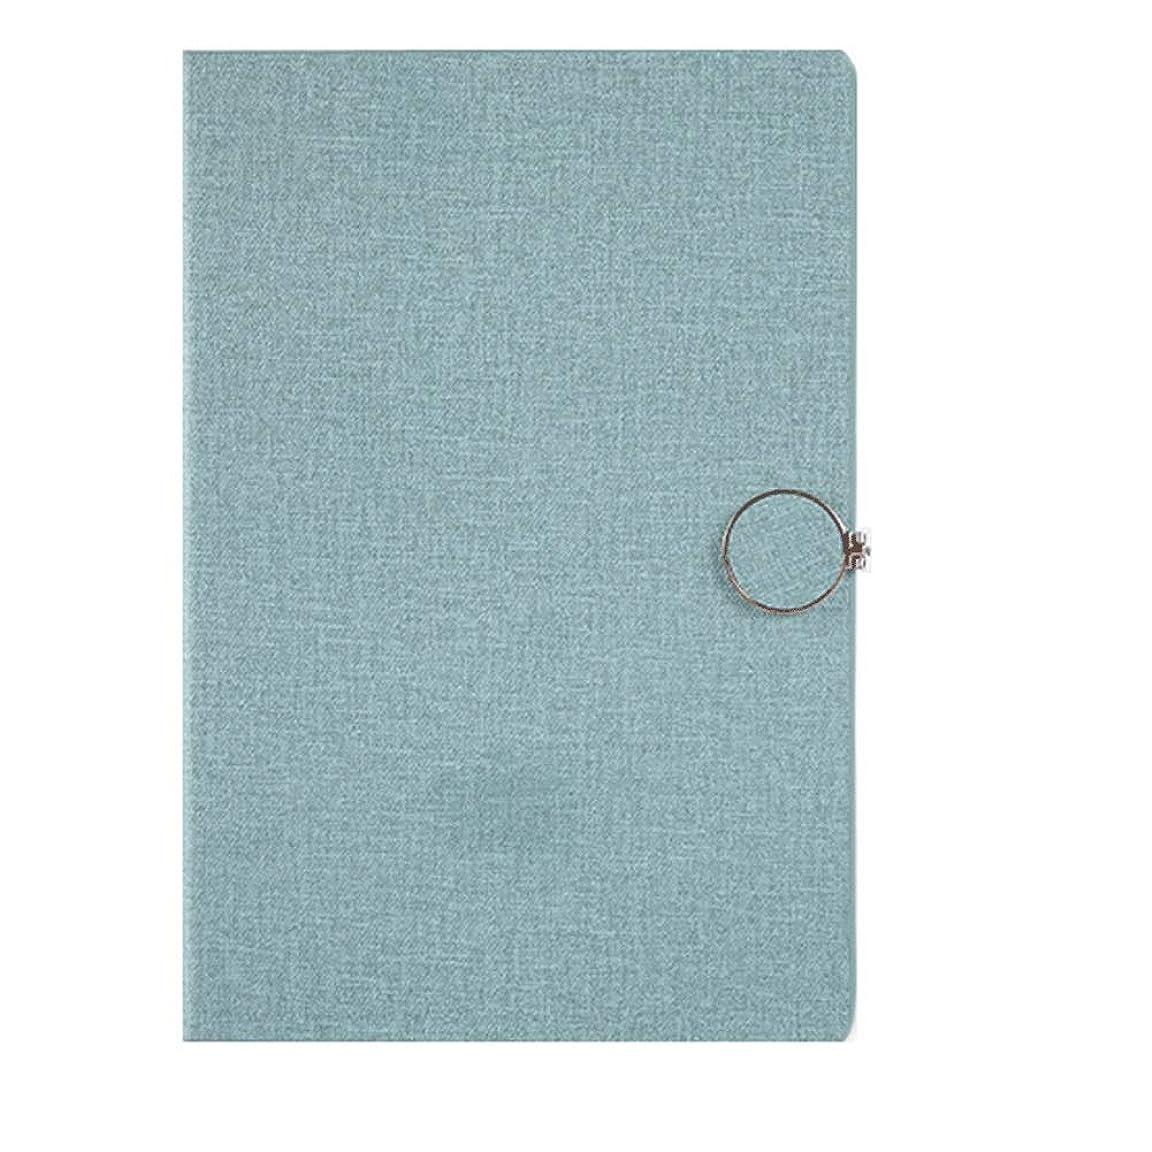 安定した男やもめ拡張ノート ジャーナルA5ノートブック描画デイリーウィークリープランナーアジェンダブック時間管理学用品ギフト メモ帳 (Color : Green)